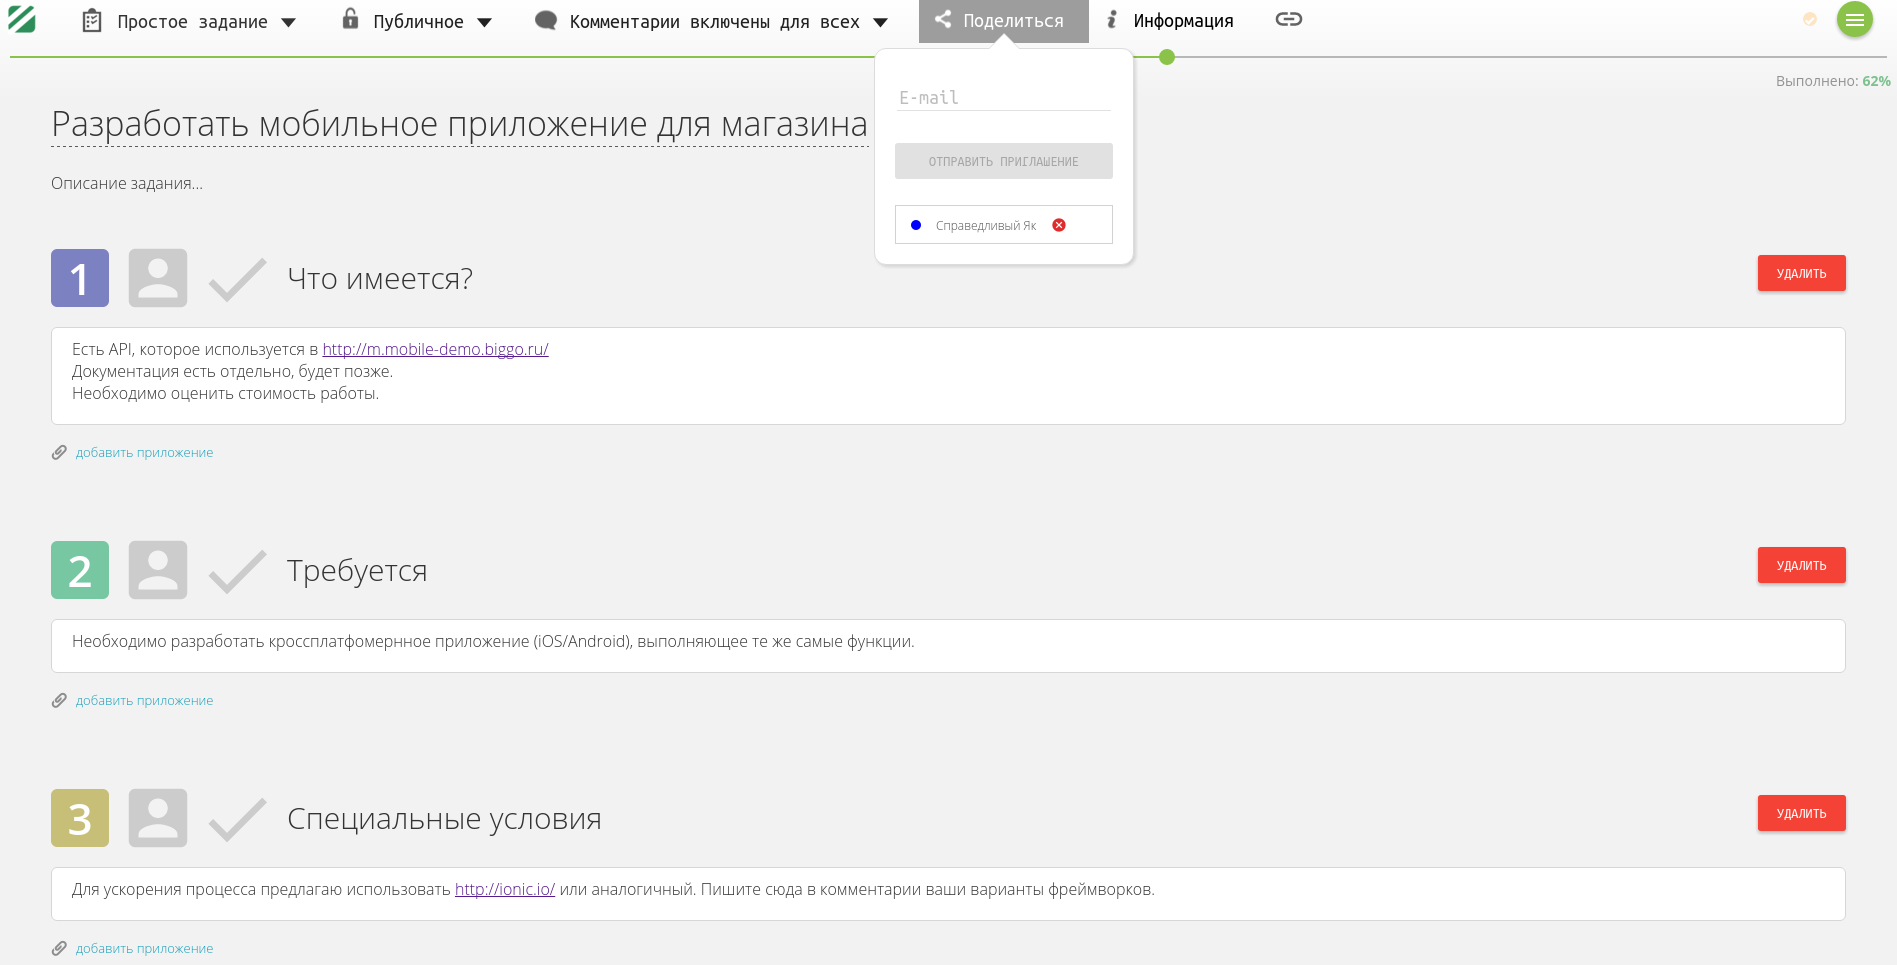 Greentask — бесплатный сервис быстрого создания задач и облегчения работы с фрилансерами - 1